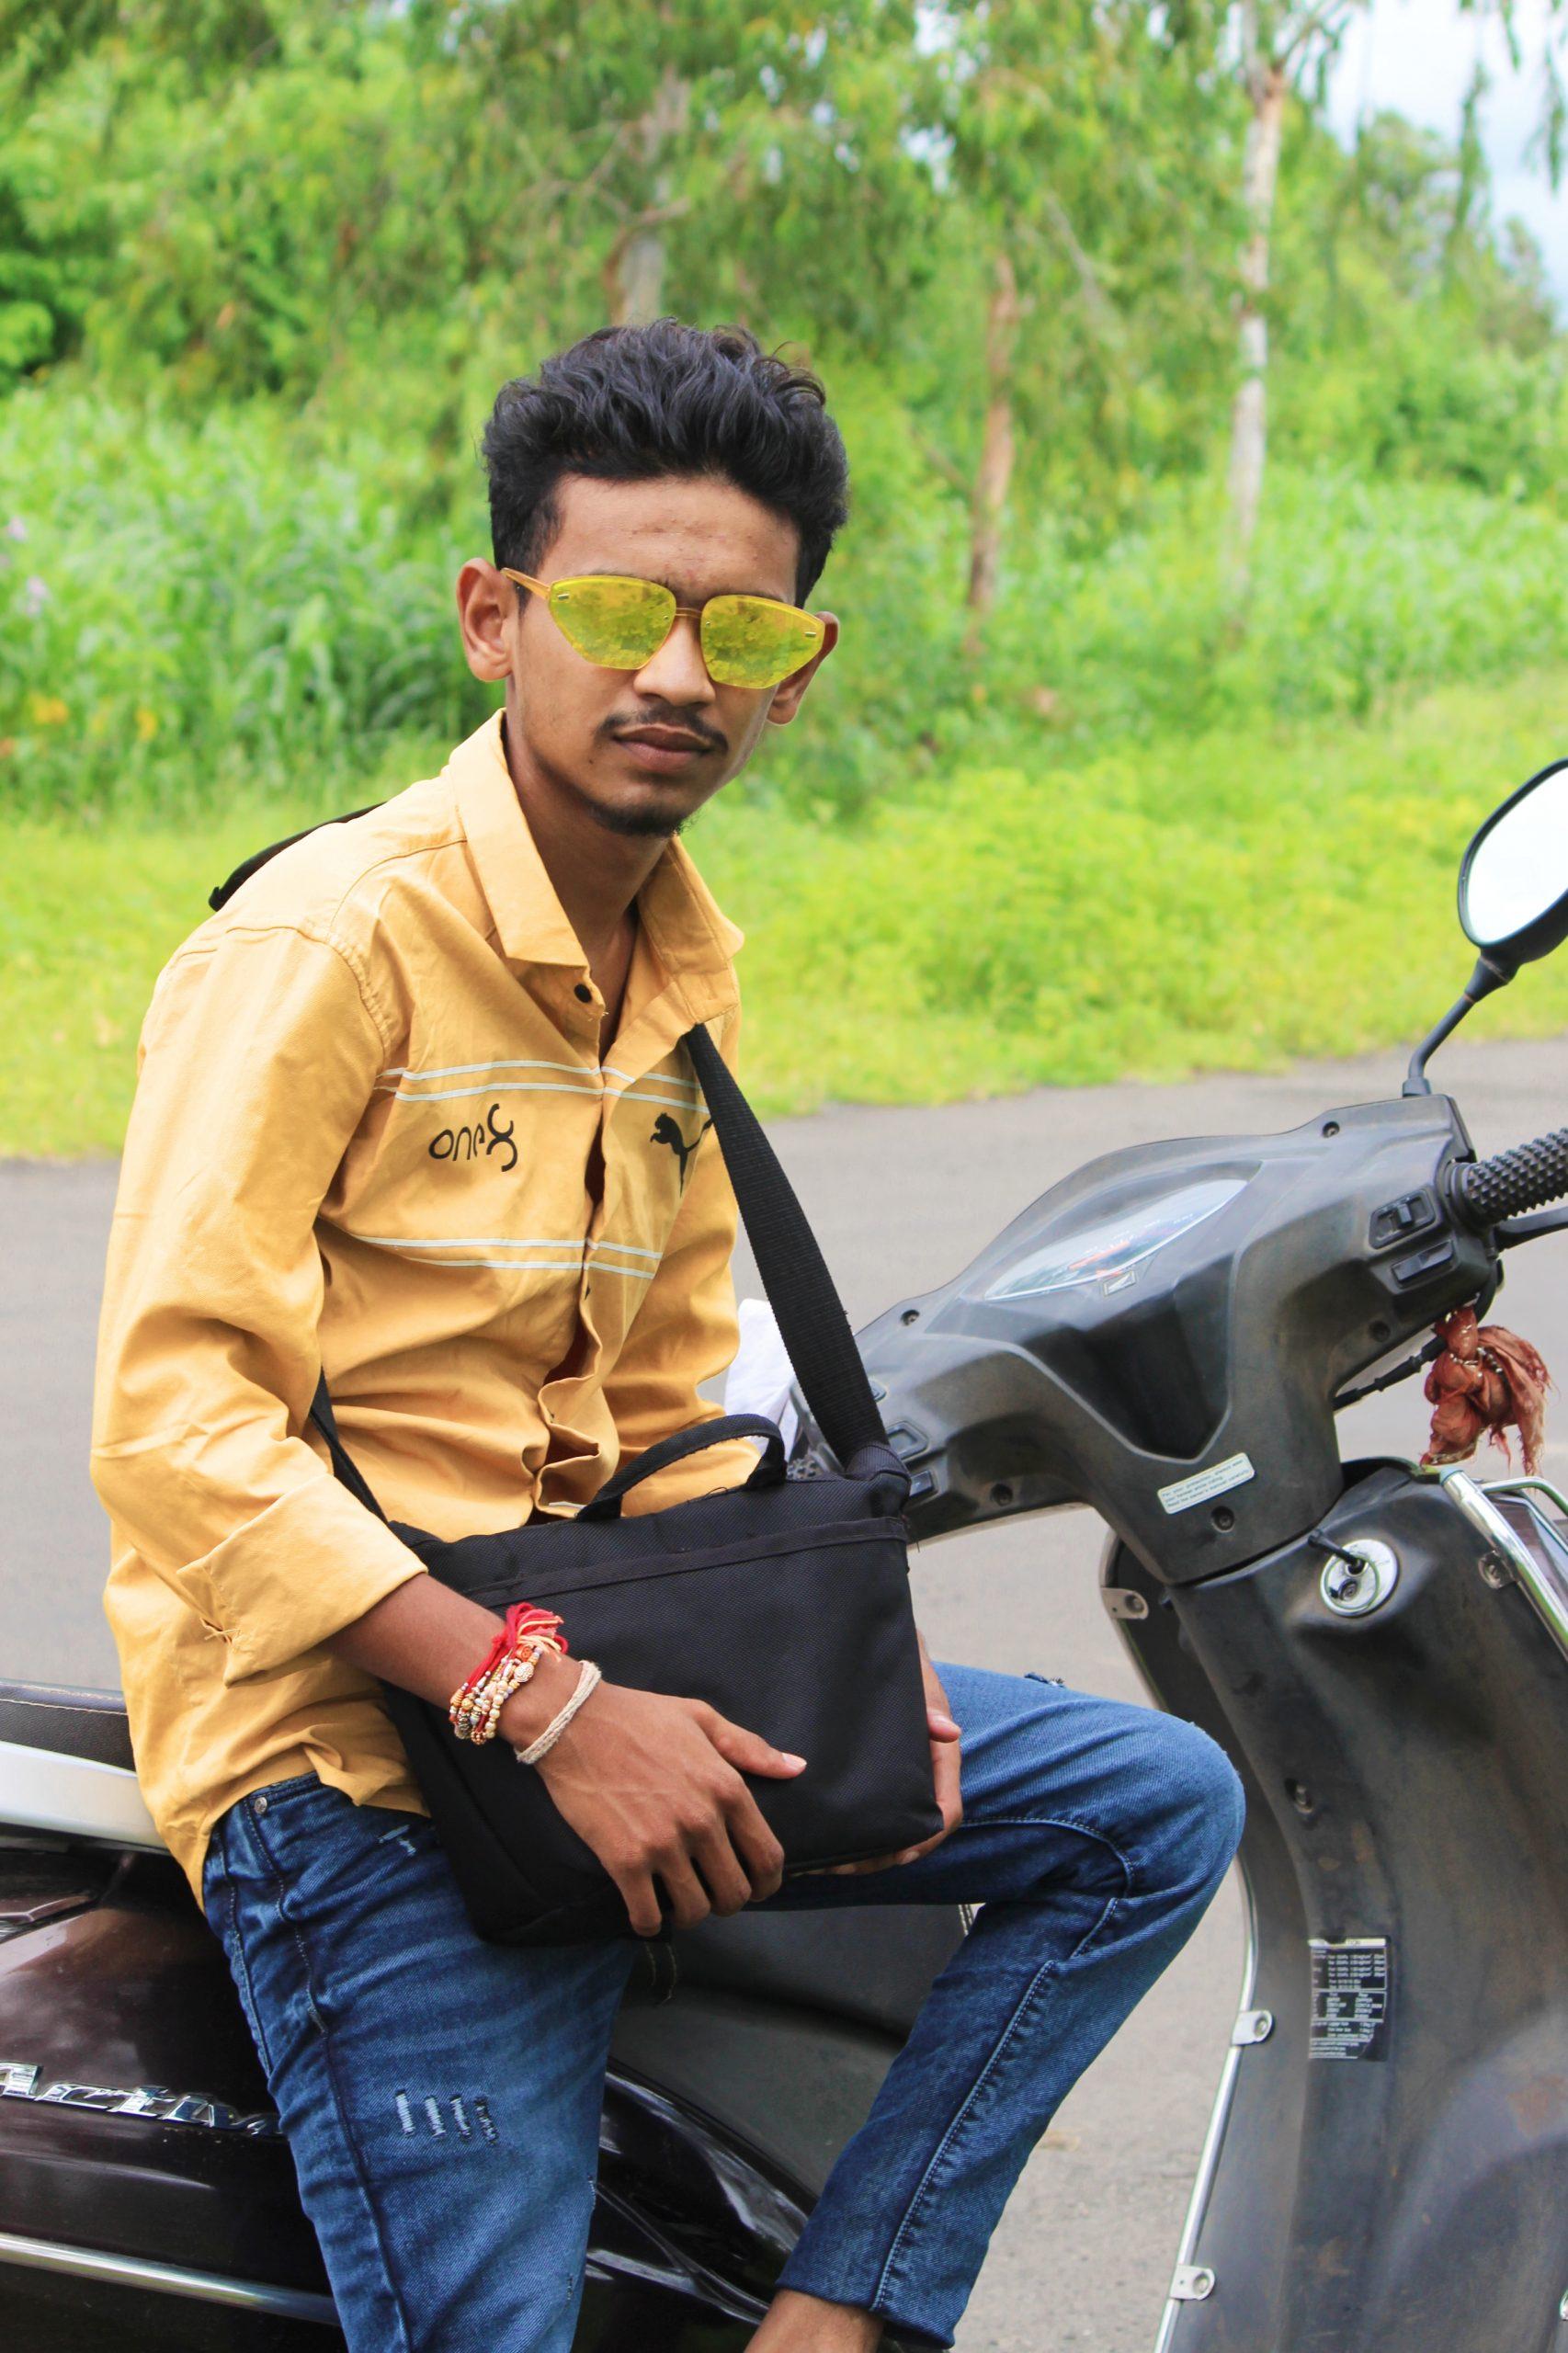 A stylish boy on a scooter